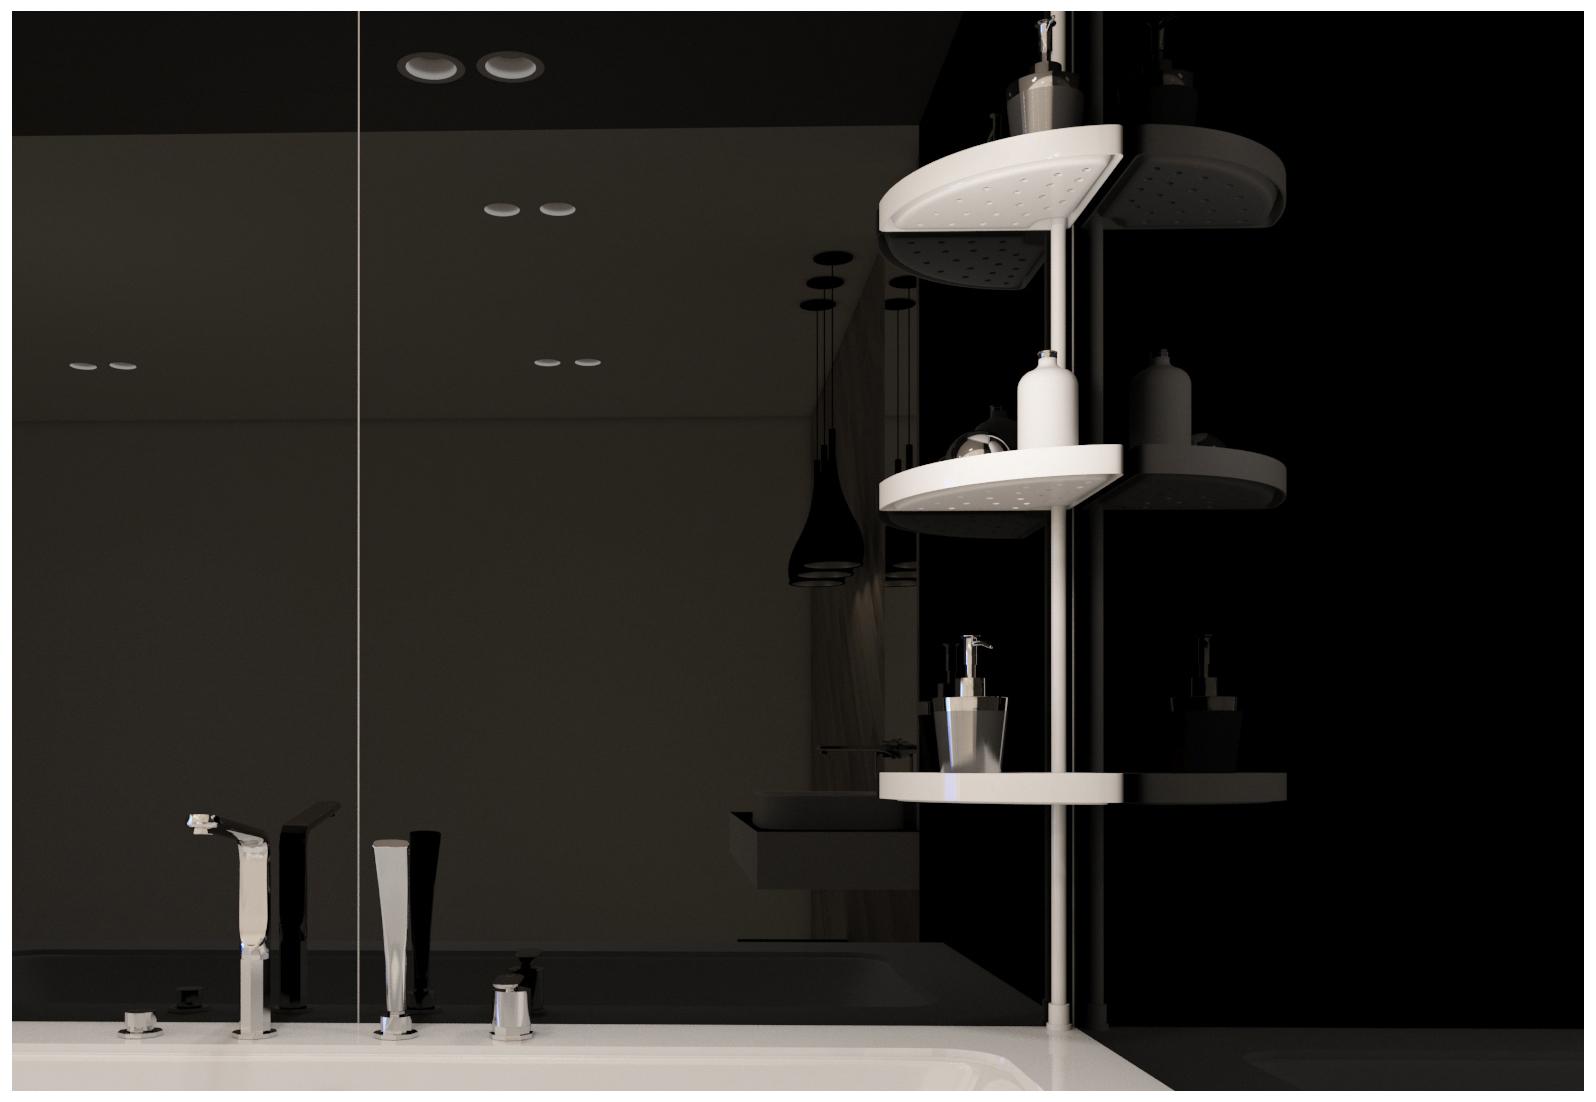 rohová teleskopická police do sprchy bílá výška: 70 - 200 cm